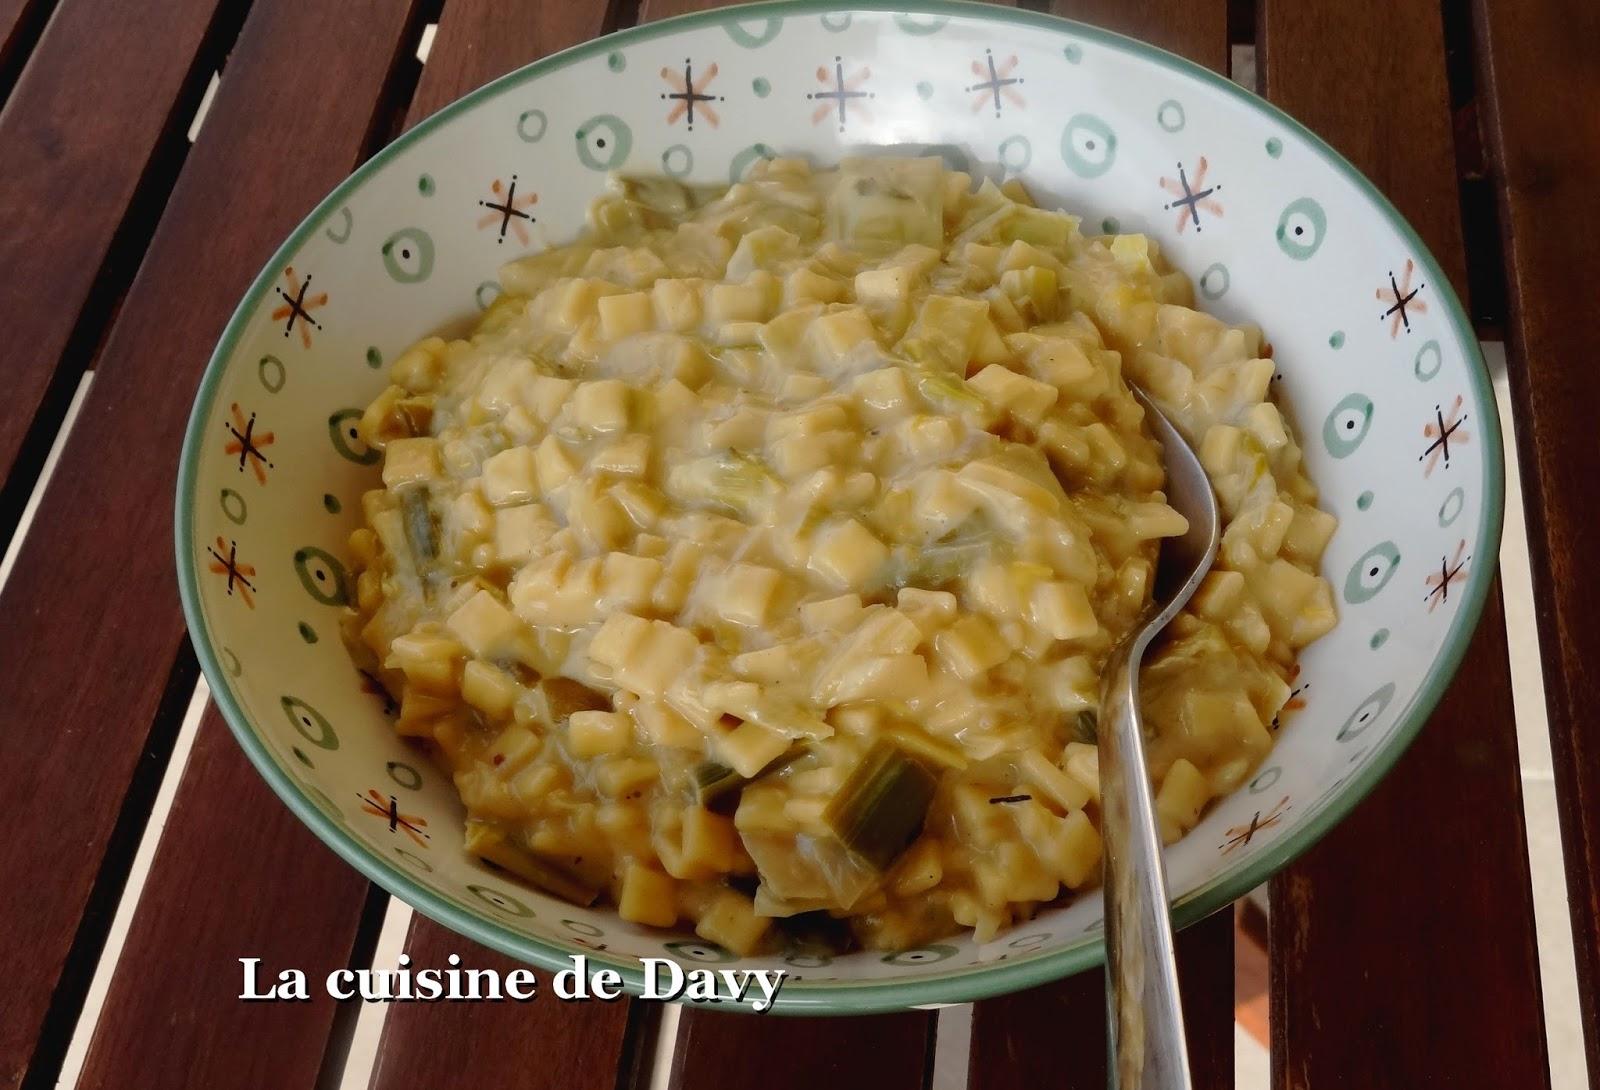 la cuisine de davy: crozets façon risotto aux poireaux et comté